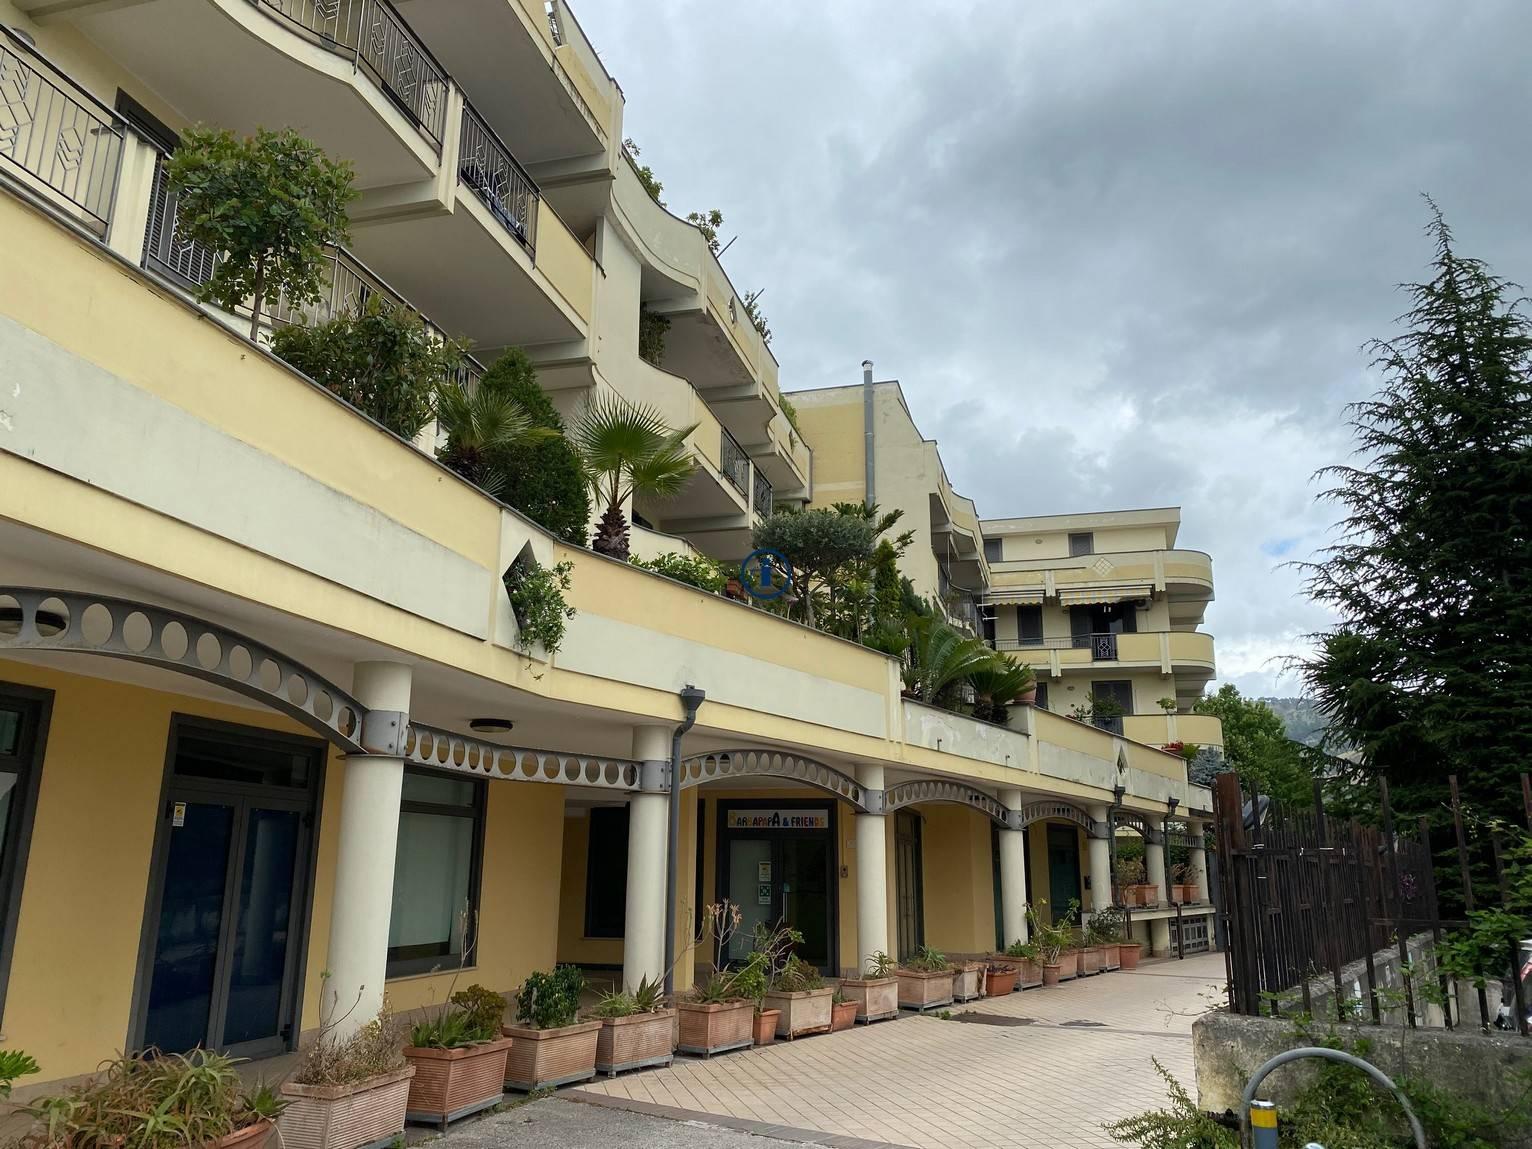 Appartamento in vendita a Caserta, 2 locali, zona Località: Caserta2(Cerasola, prezzo € 135.000 | CambioCasa.it